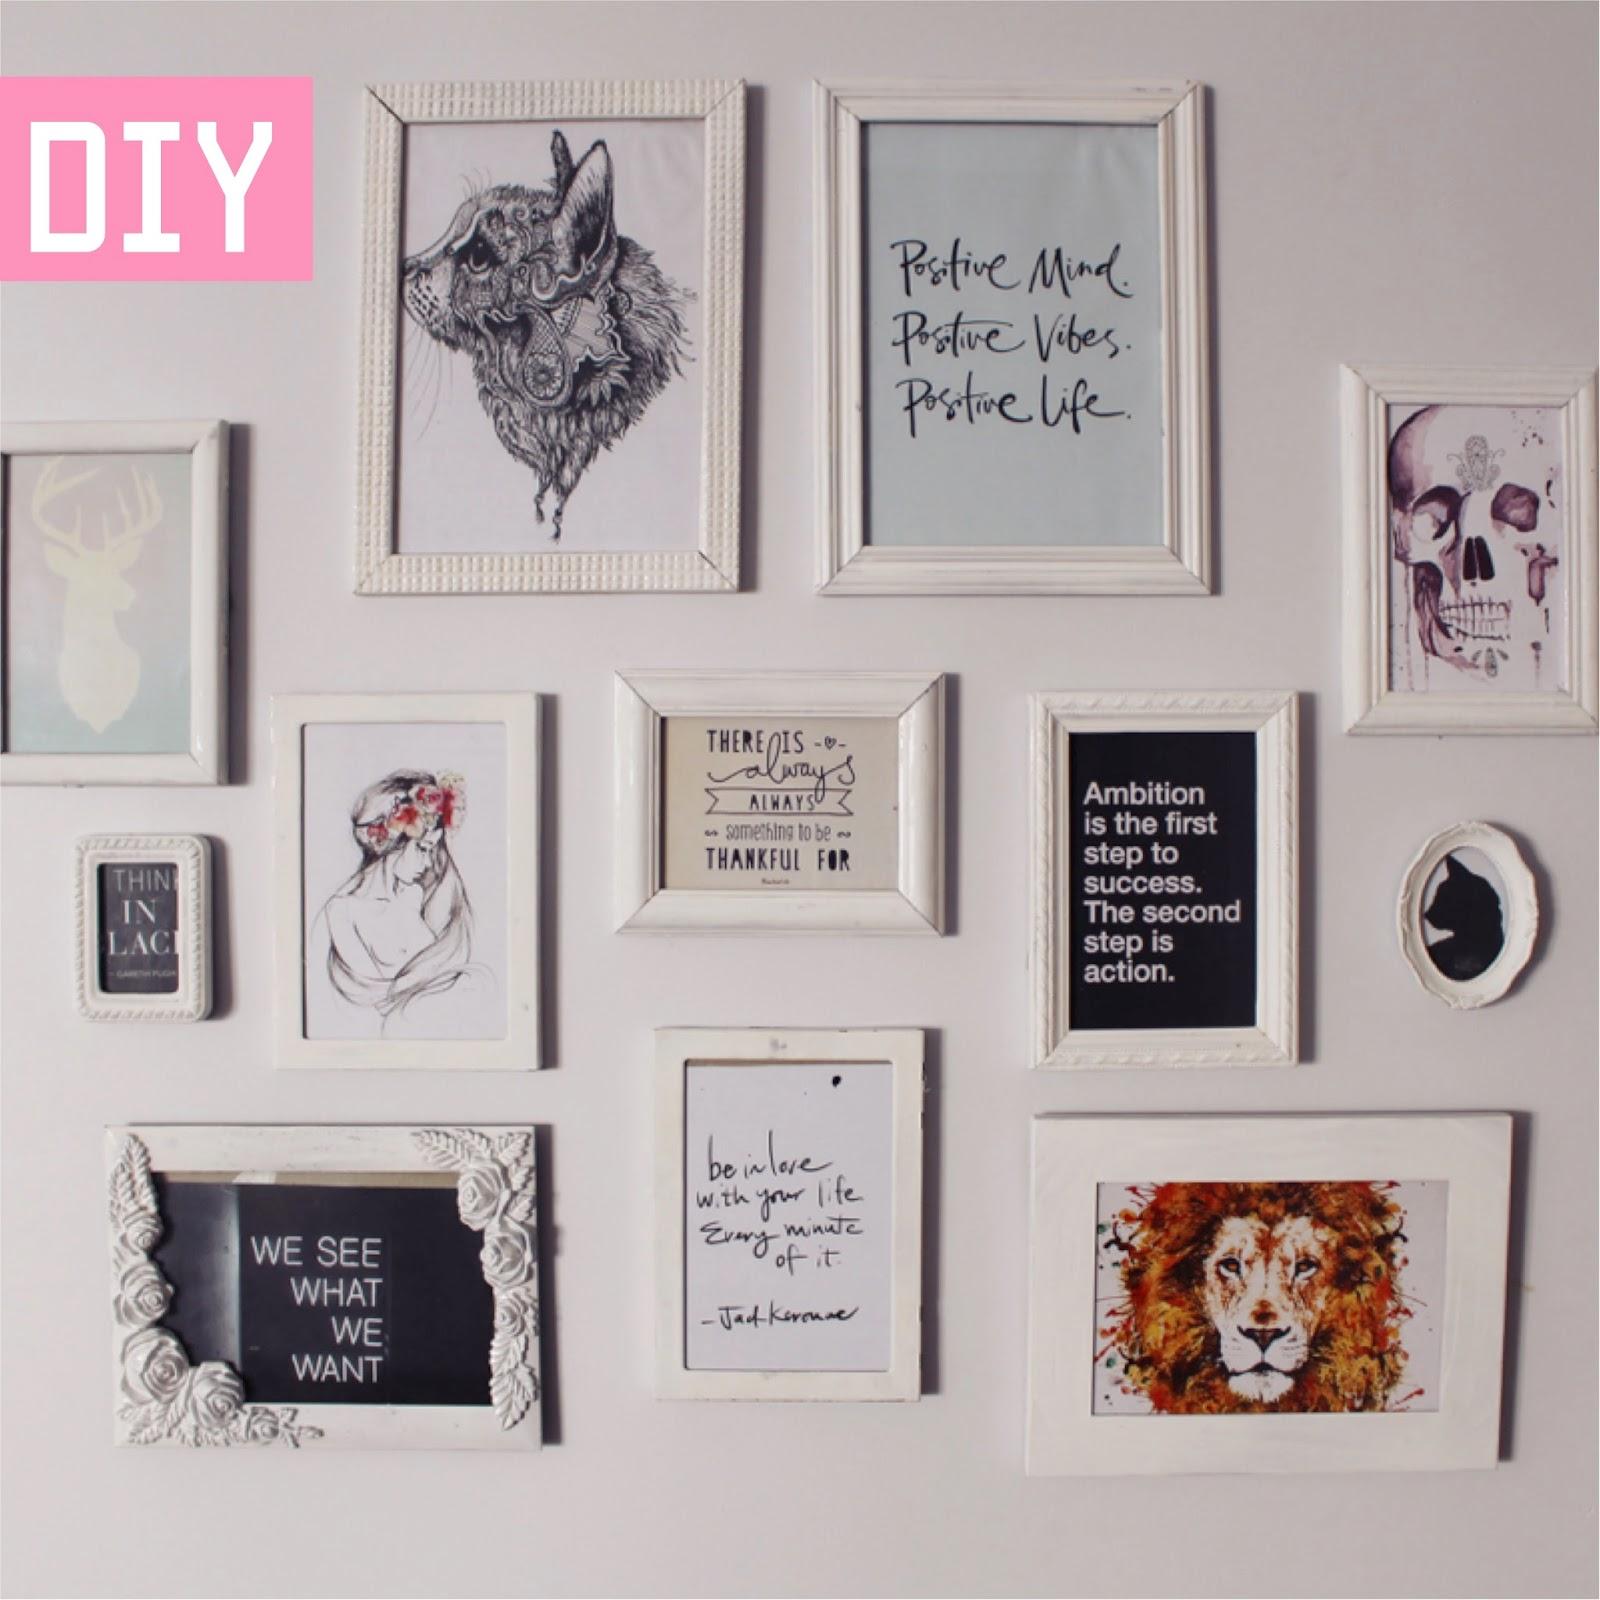 DIY: Parede com Molduras